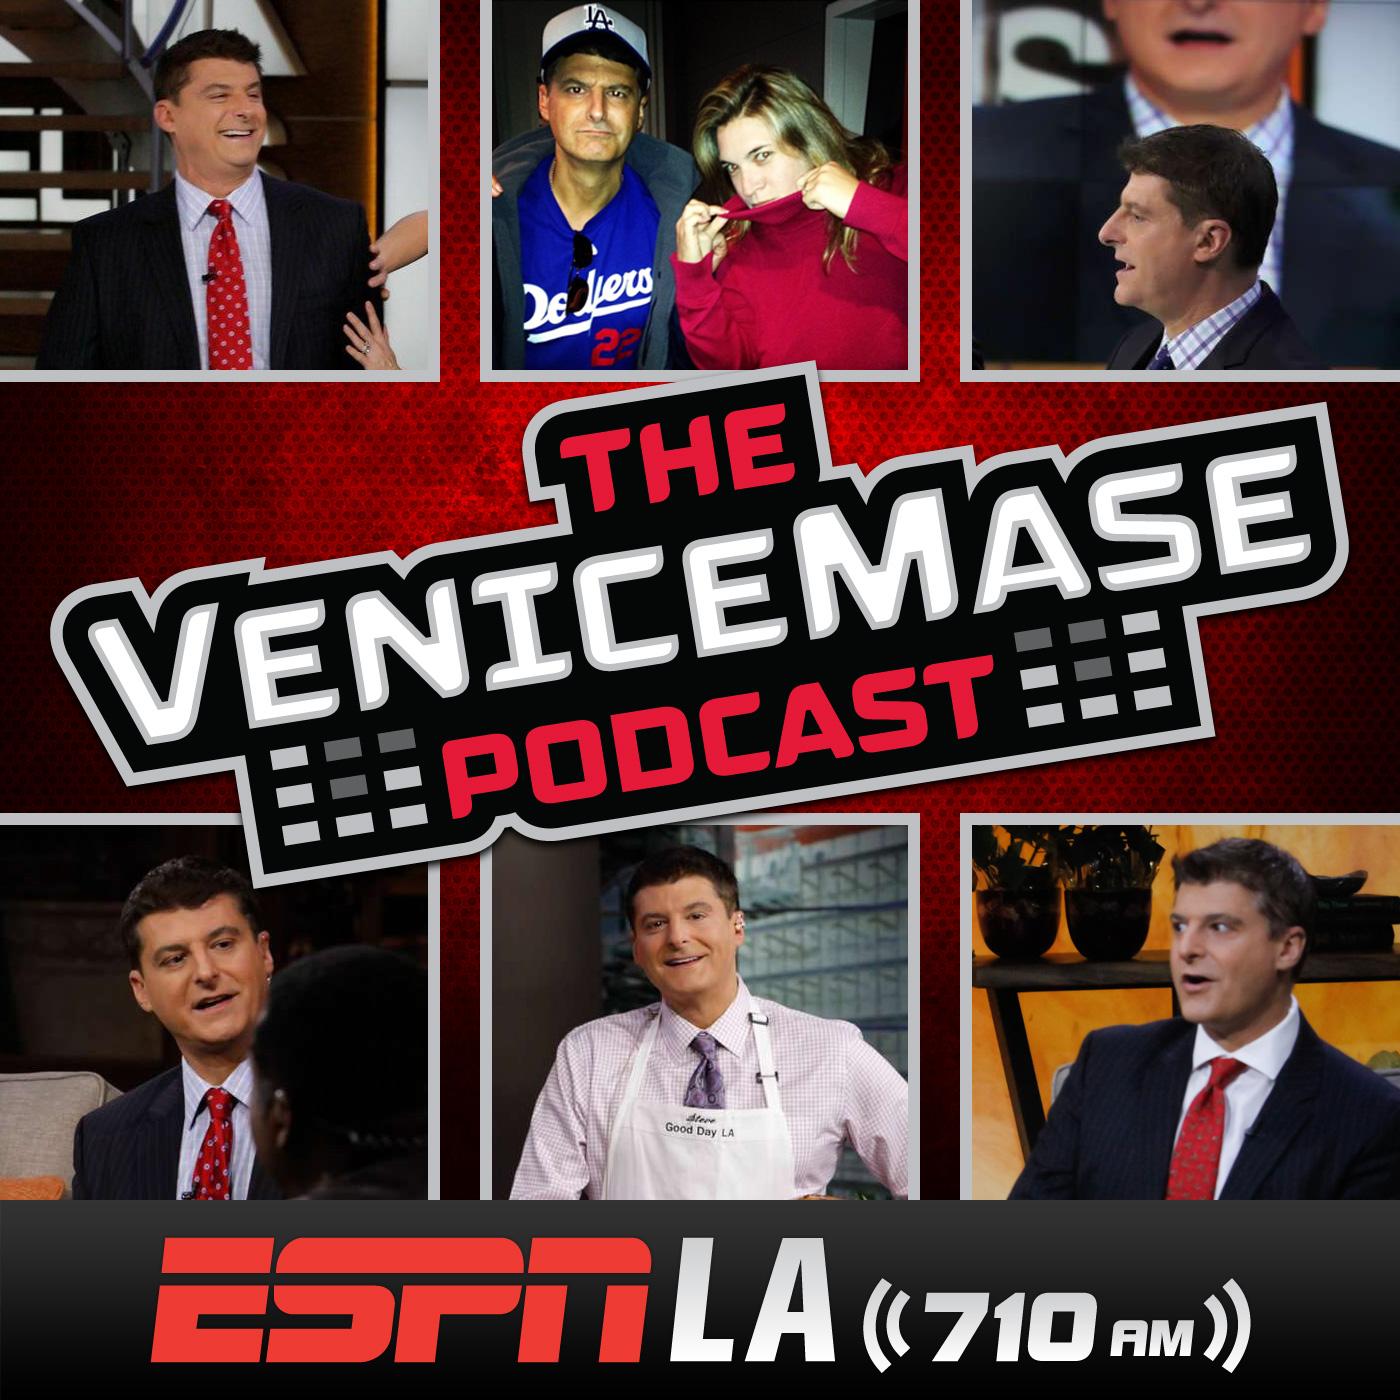 ESPN LA: VeniceMase Podcast 8/28